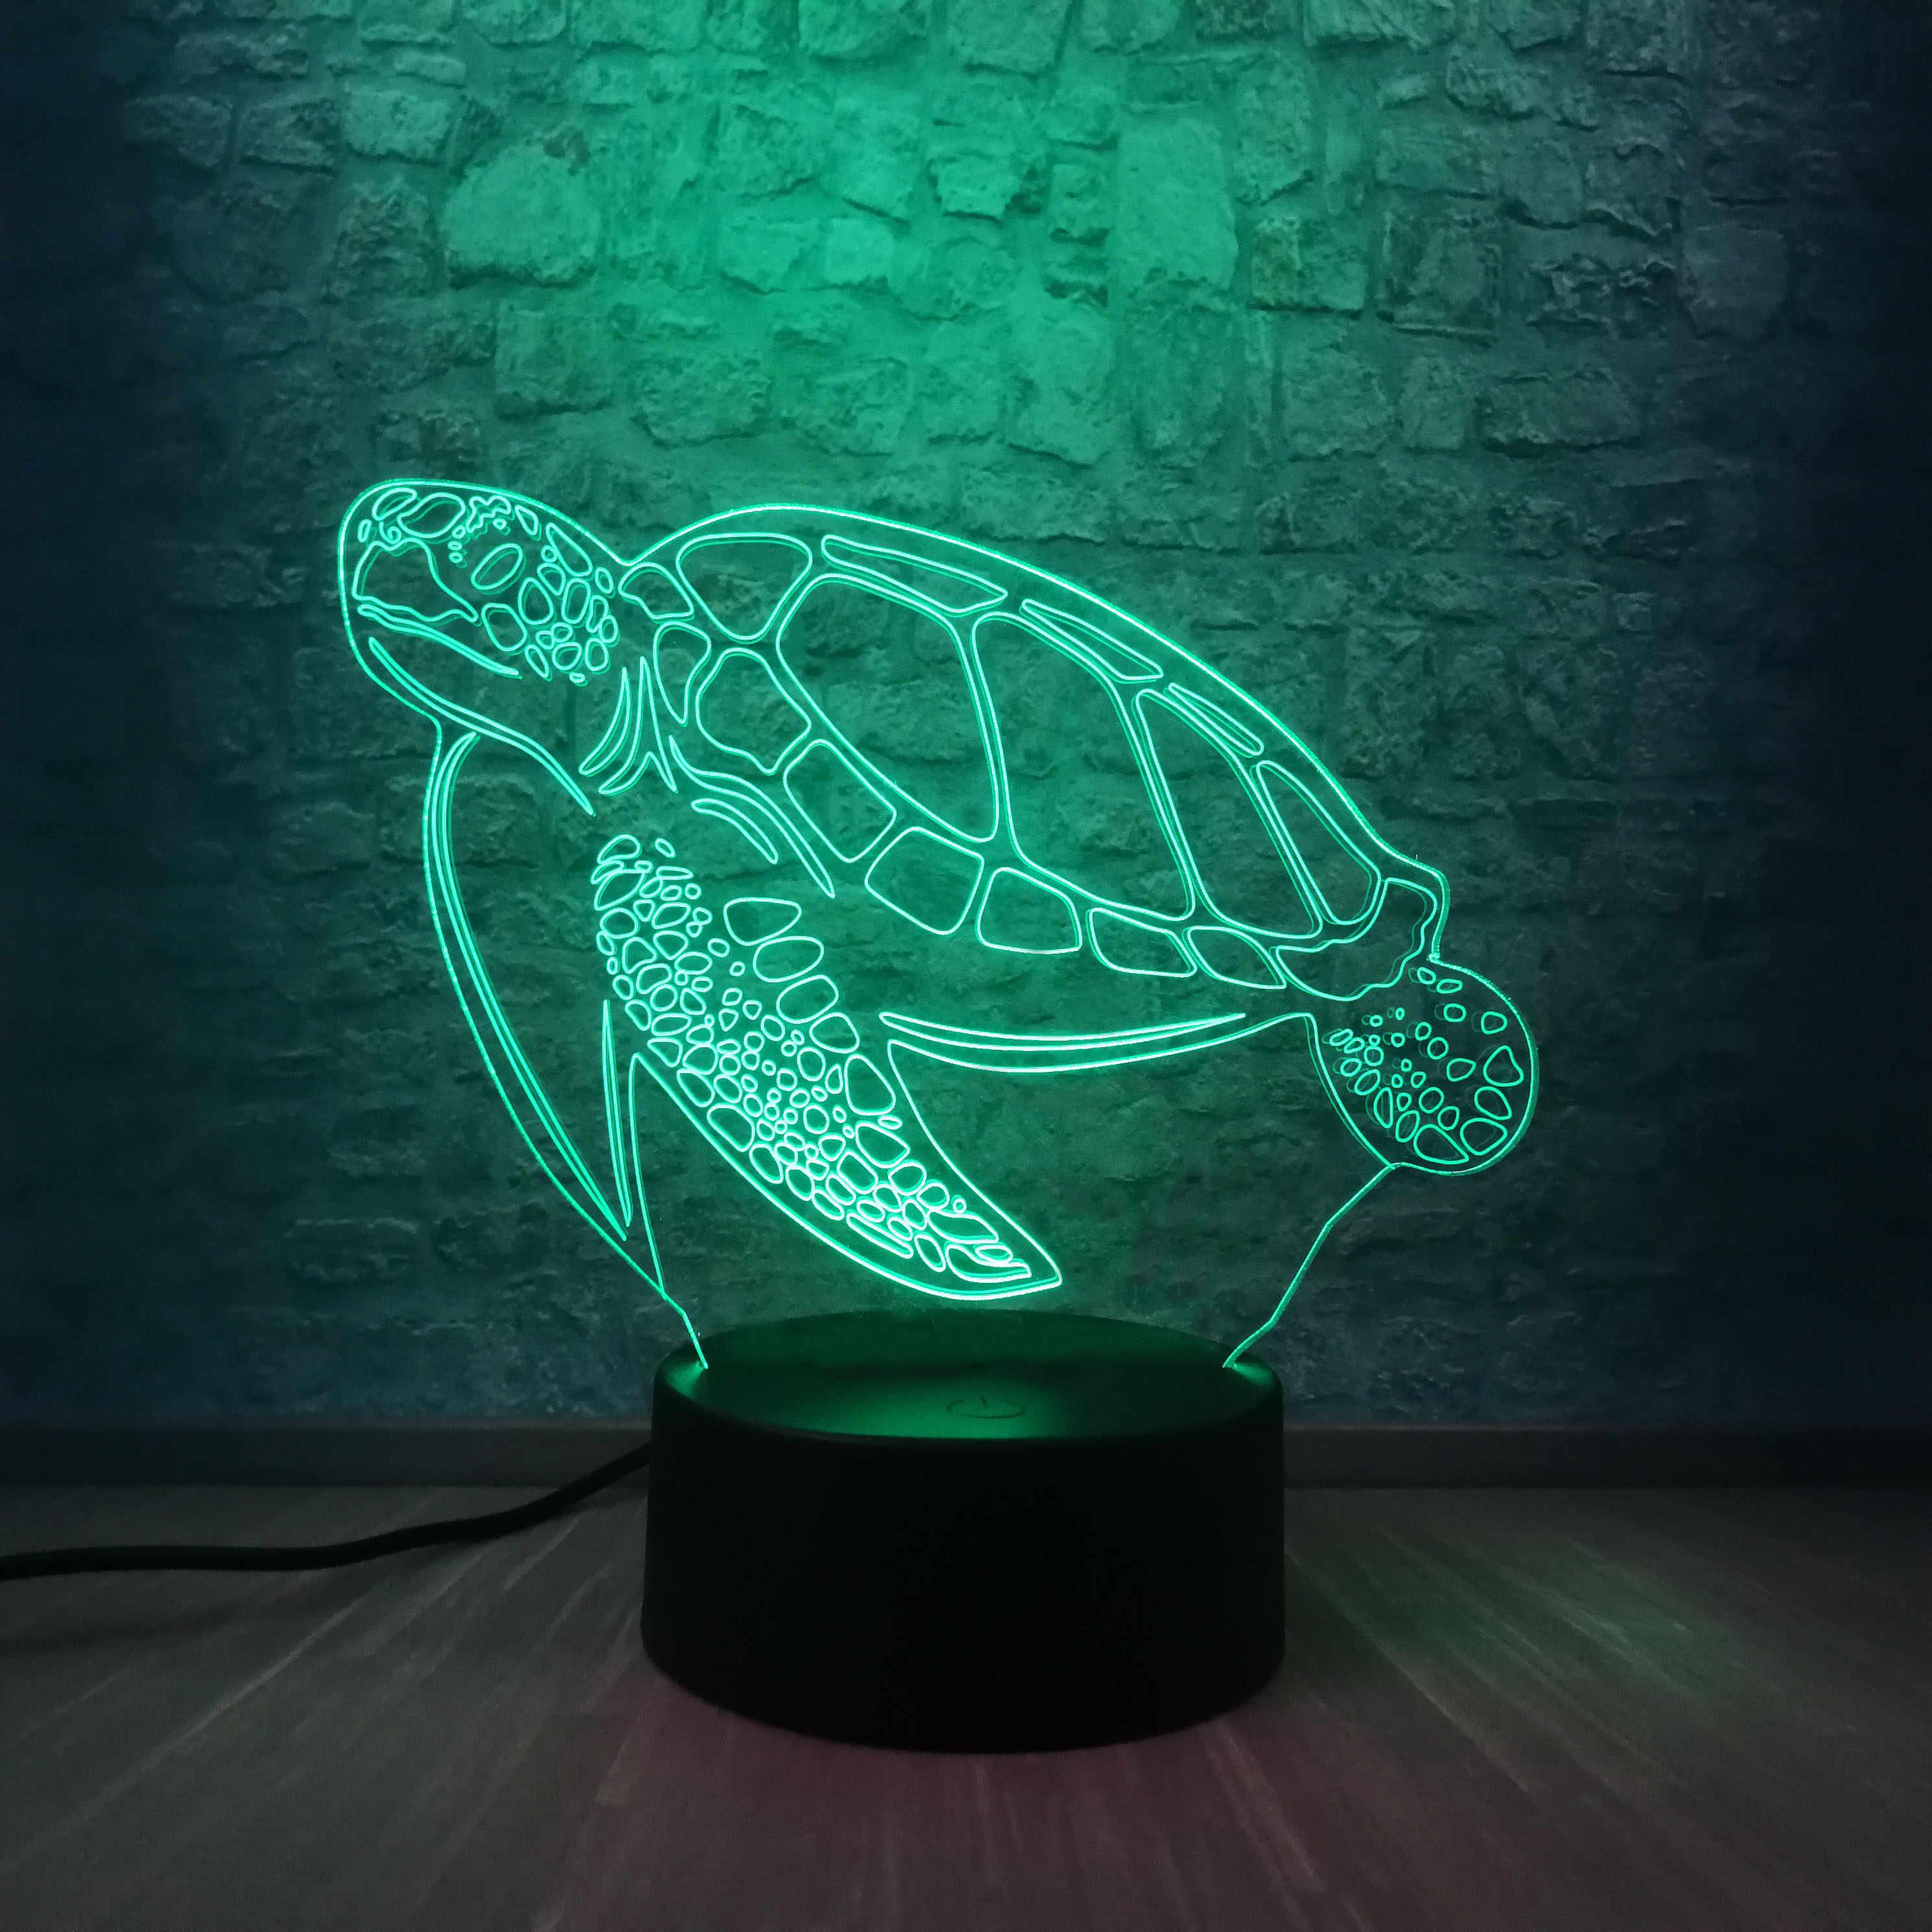 Ocean สัตว์ทะเลเต่า 3D LED โคมไฟกลางคืน USB Touch โคมไฟตั้งโต๊ะระยะไกล Mood Light Decor เด็กของขวัญการจัดส่งของเล่น